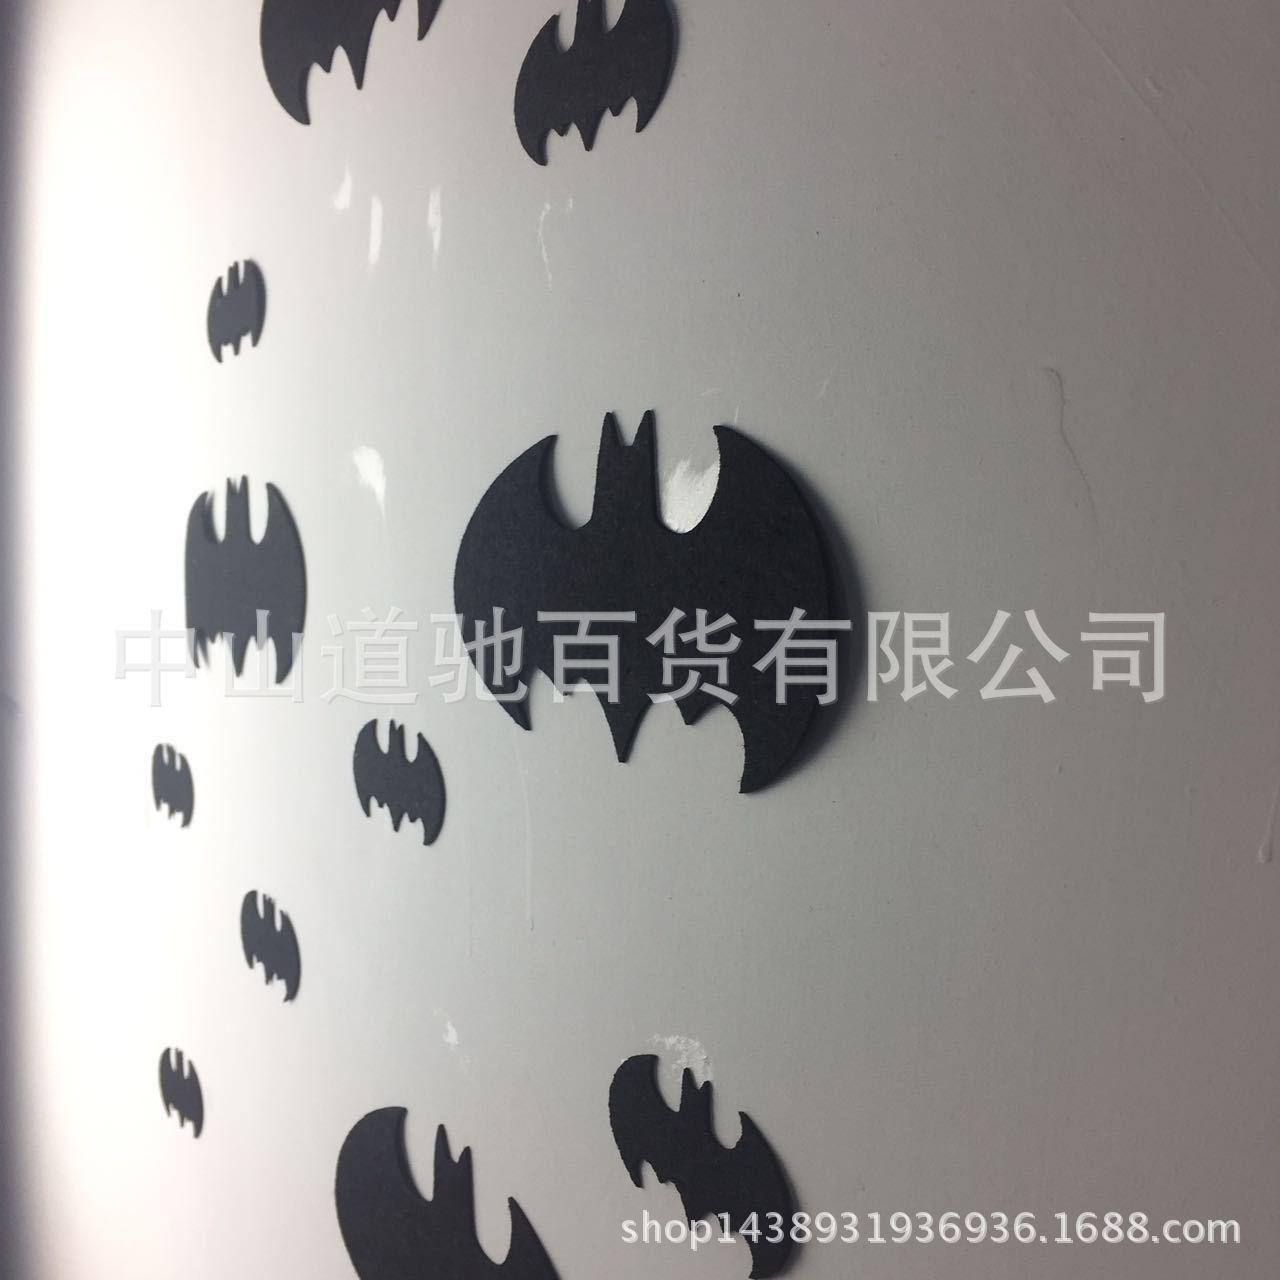 蝙蝠侠美式英雄创意墙贴环保毛毡房间装饰摄影道具wall stickers